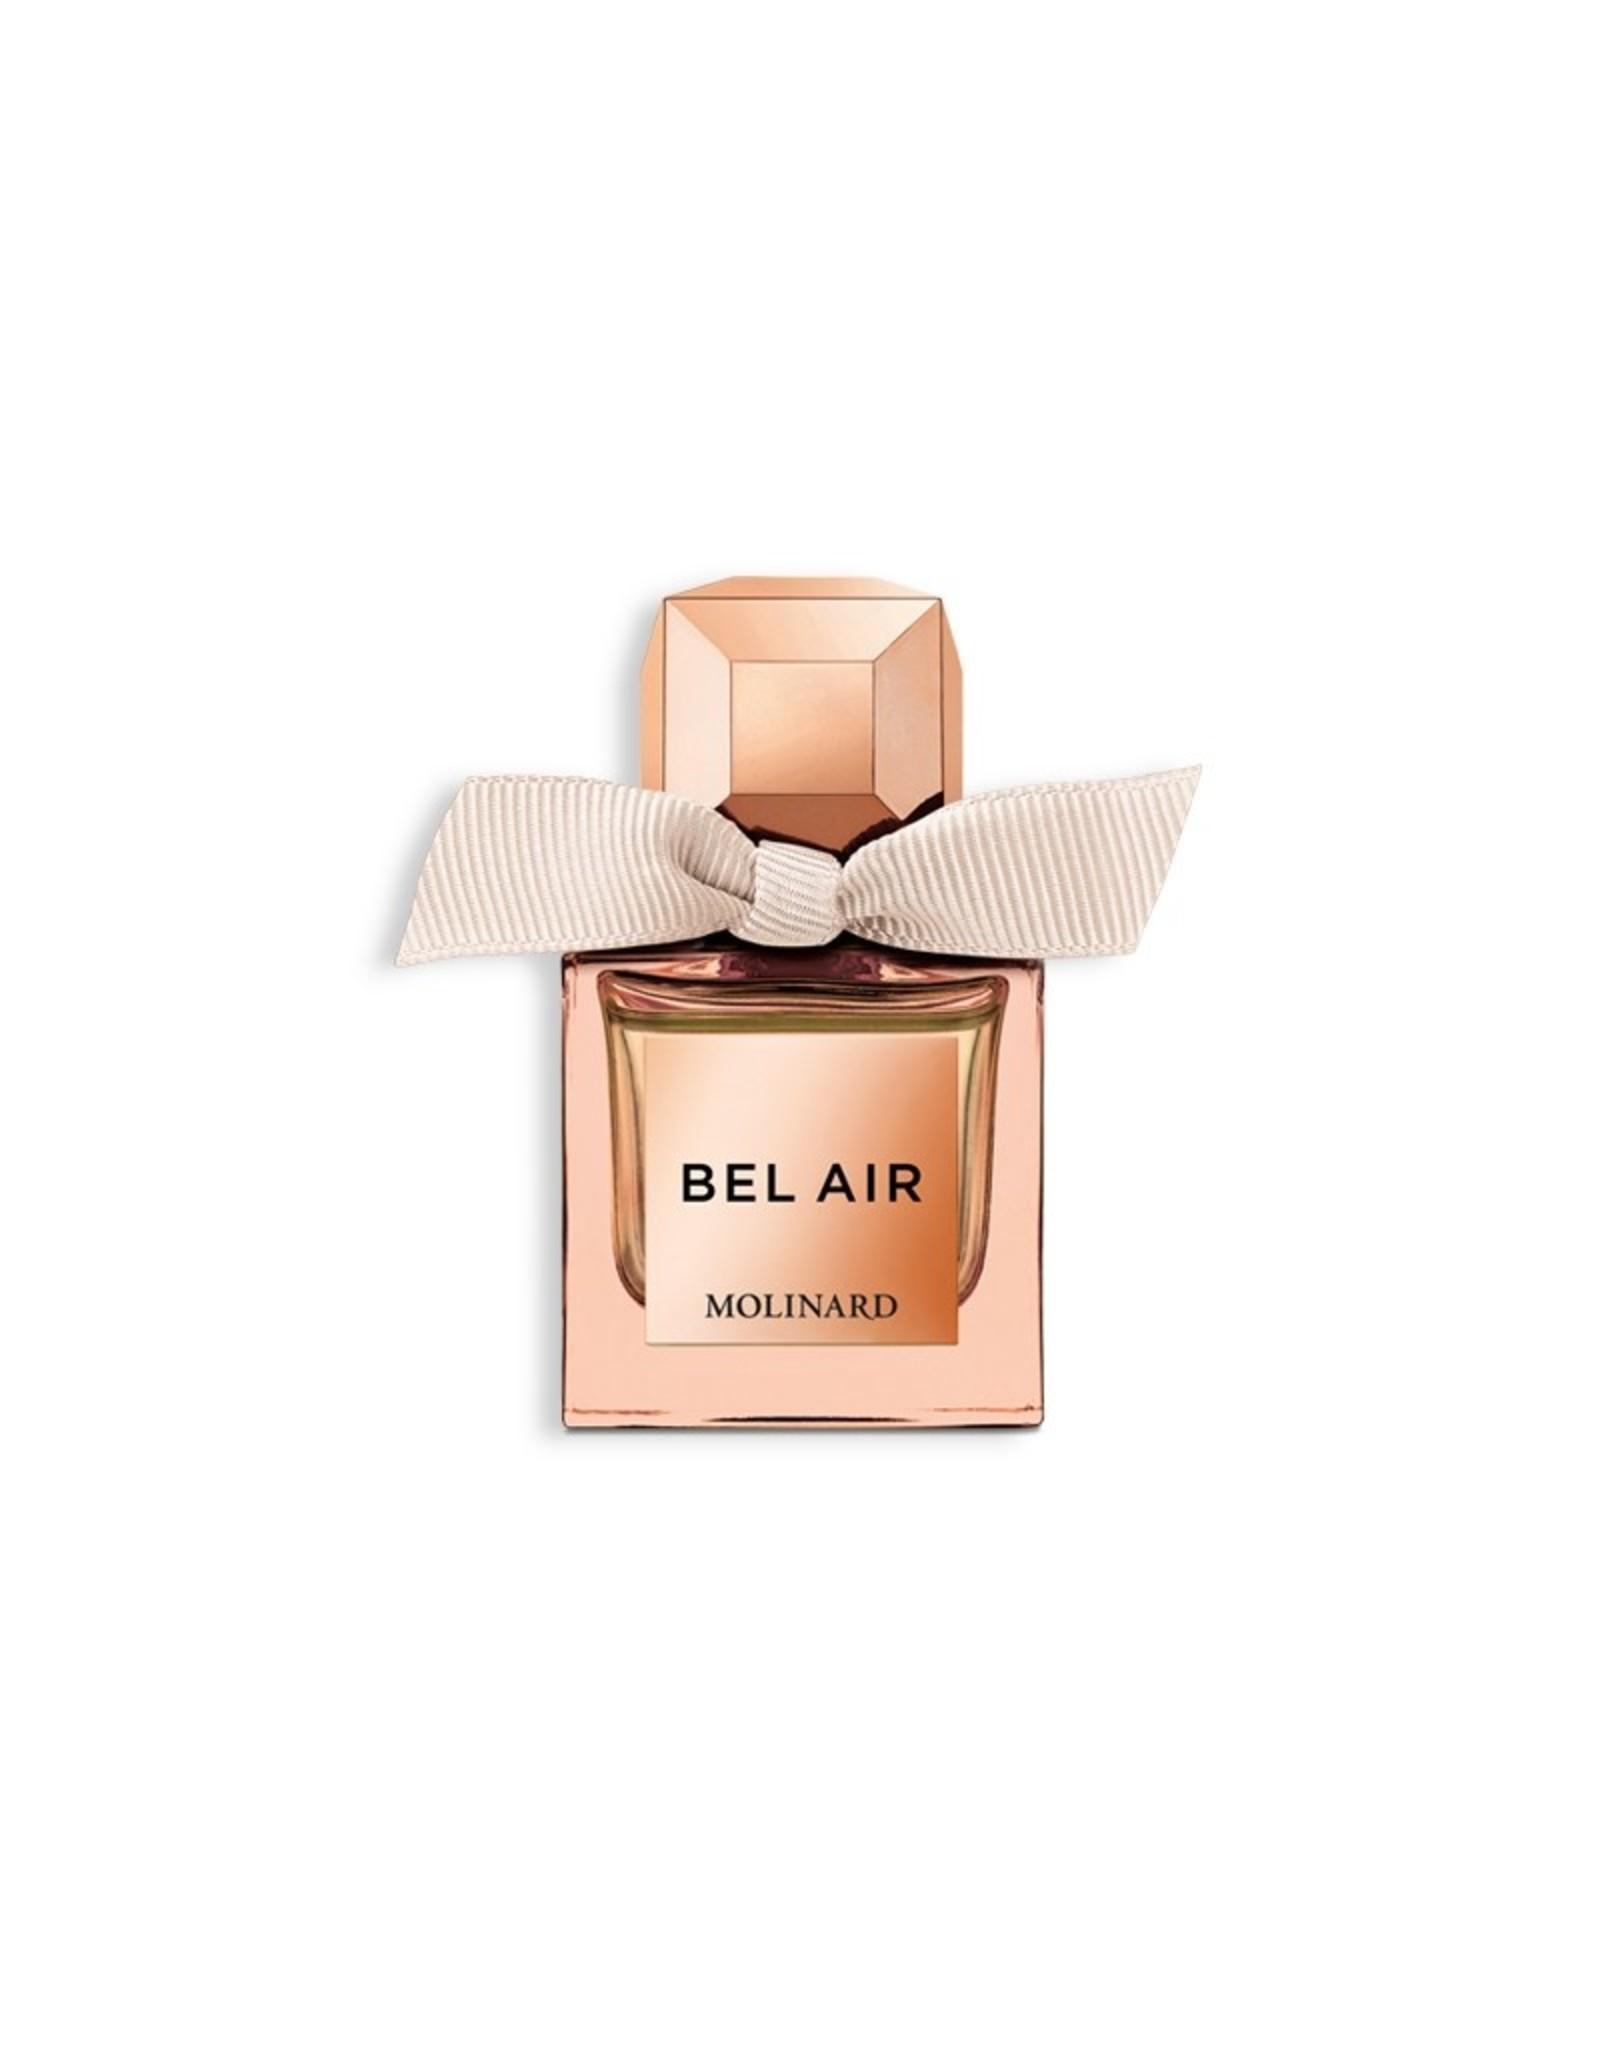 Molinard Bel Air - Molinard - Eau De Toilette pour Femme 30 ML.